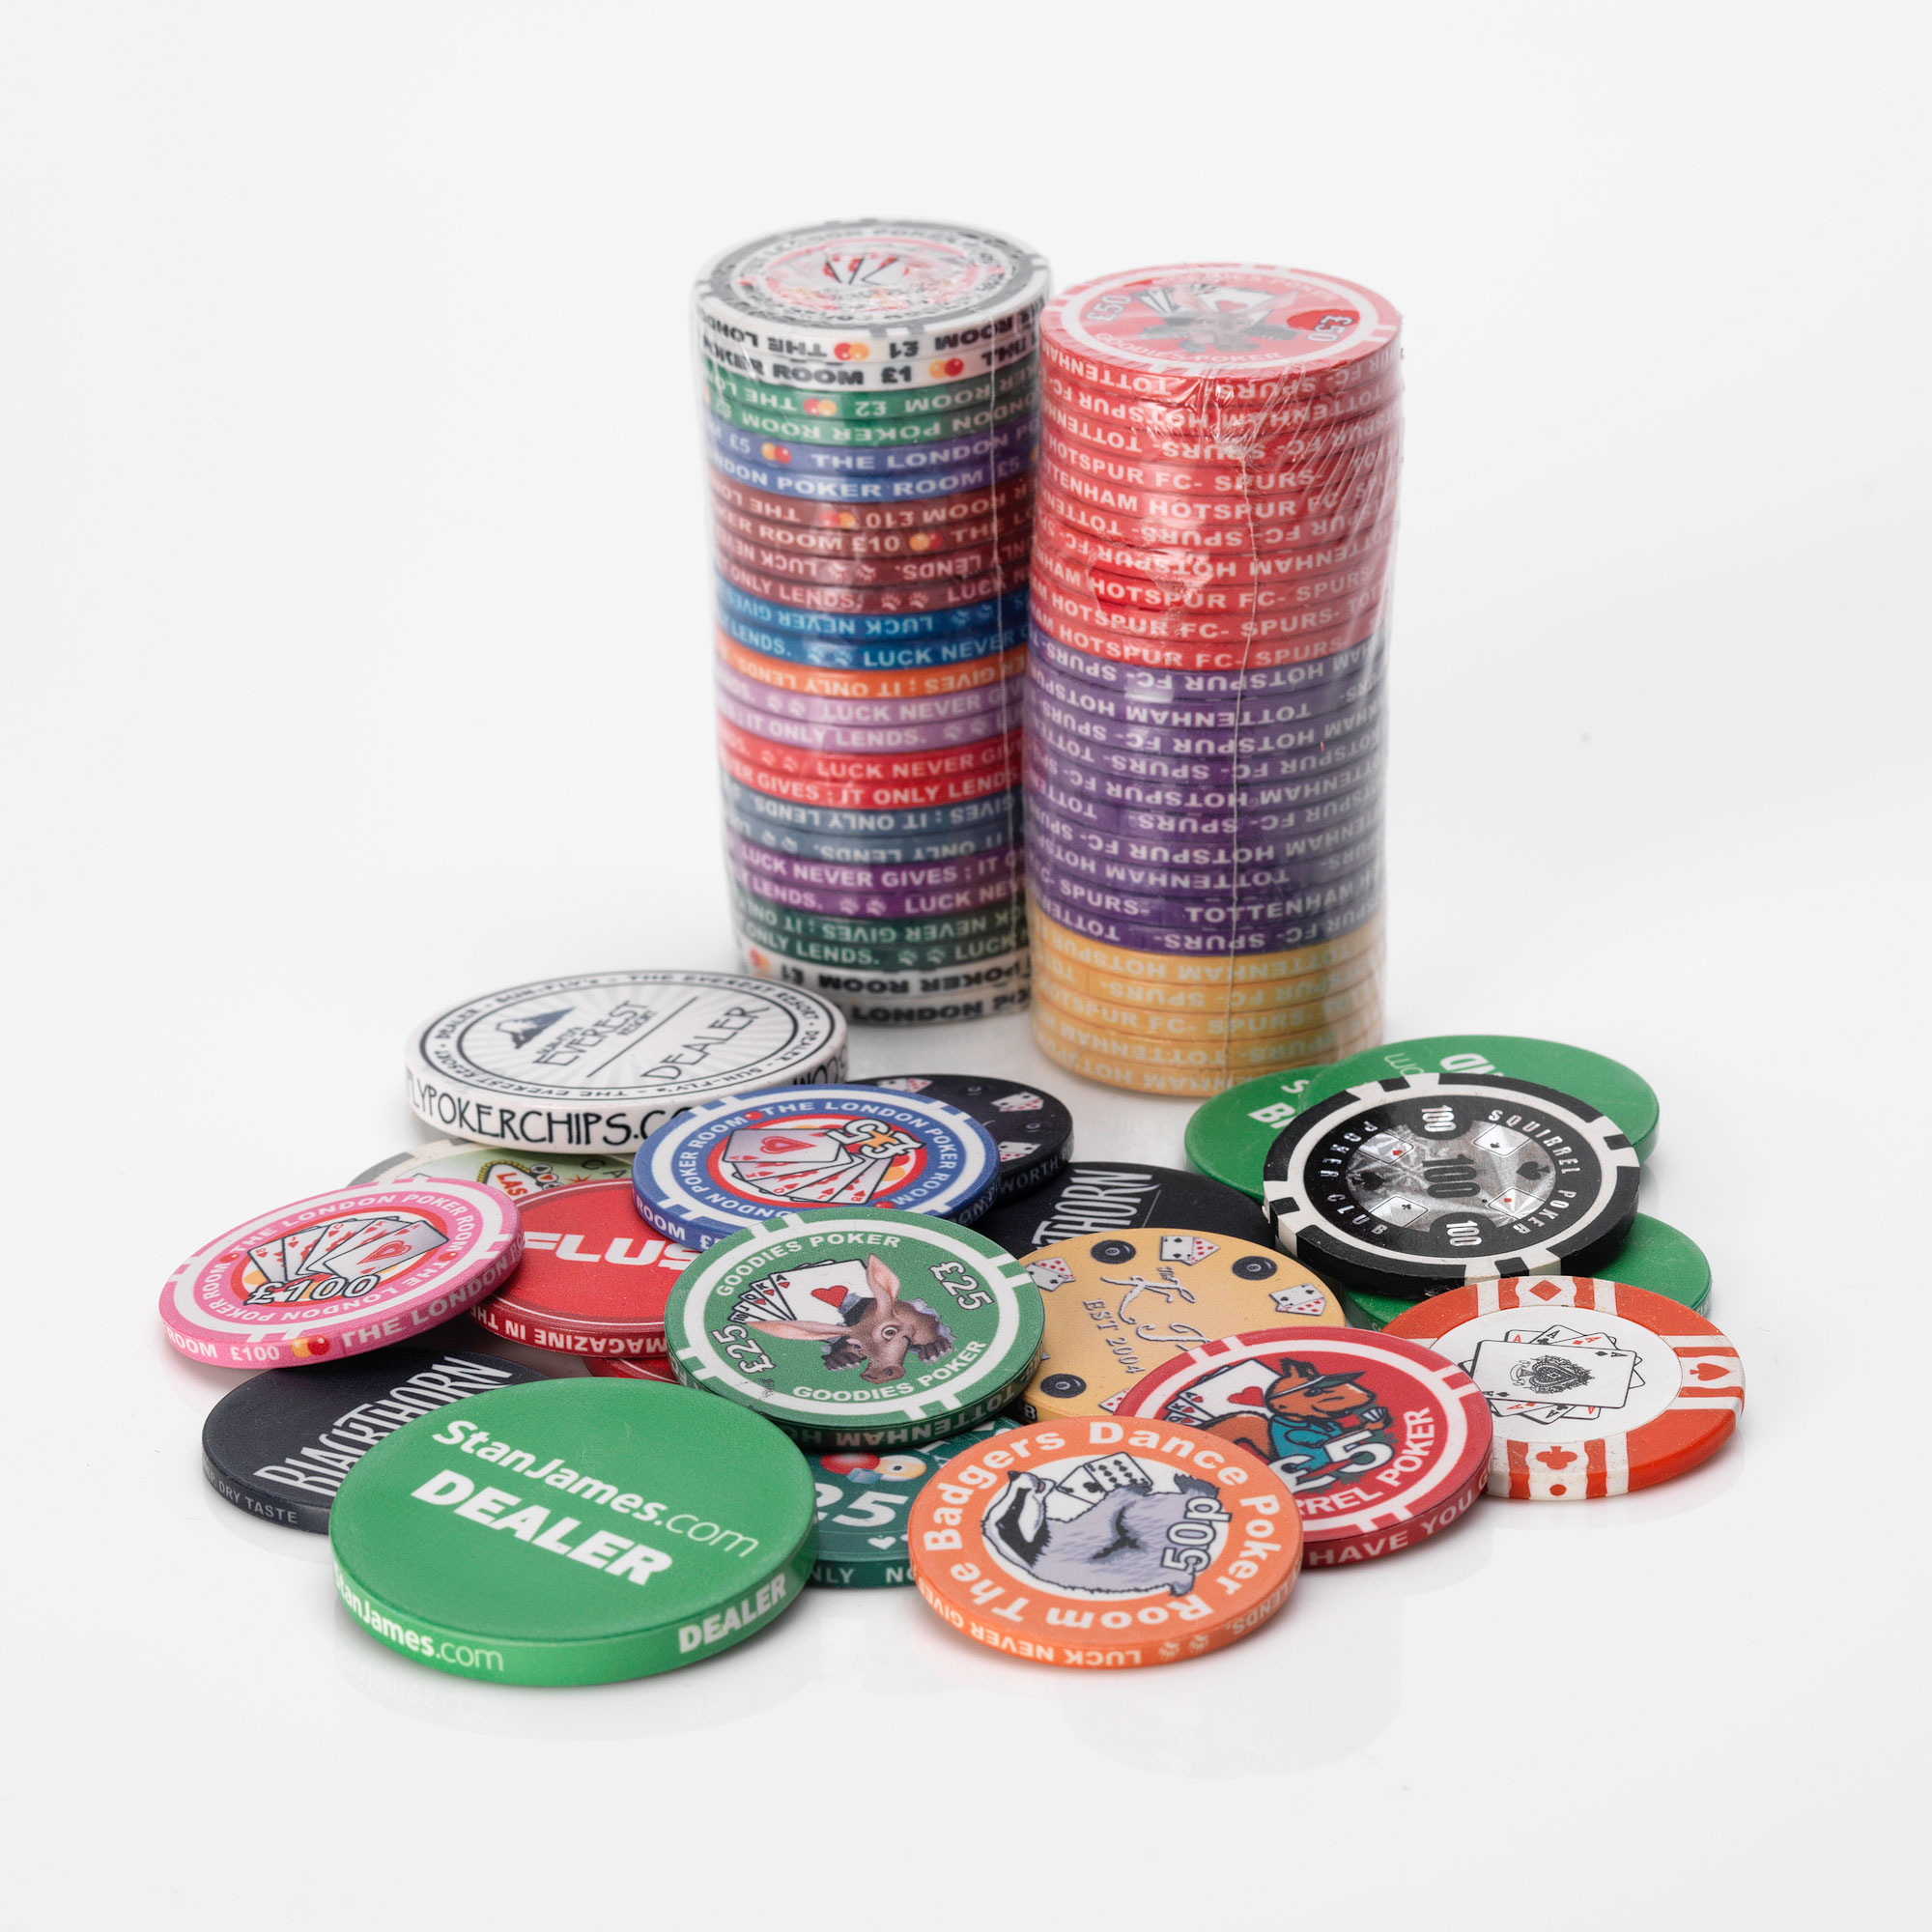 Personalized casino chips uk casino free gambling game online virtual yourbestonlinecasino.com